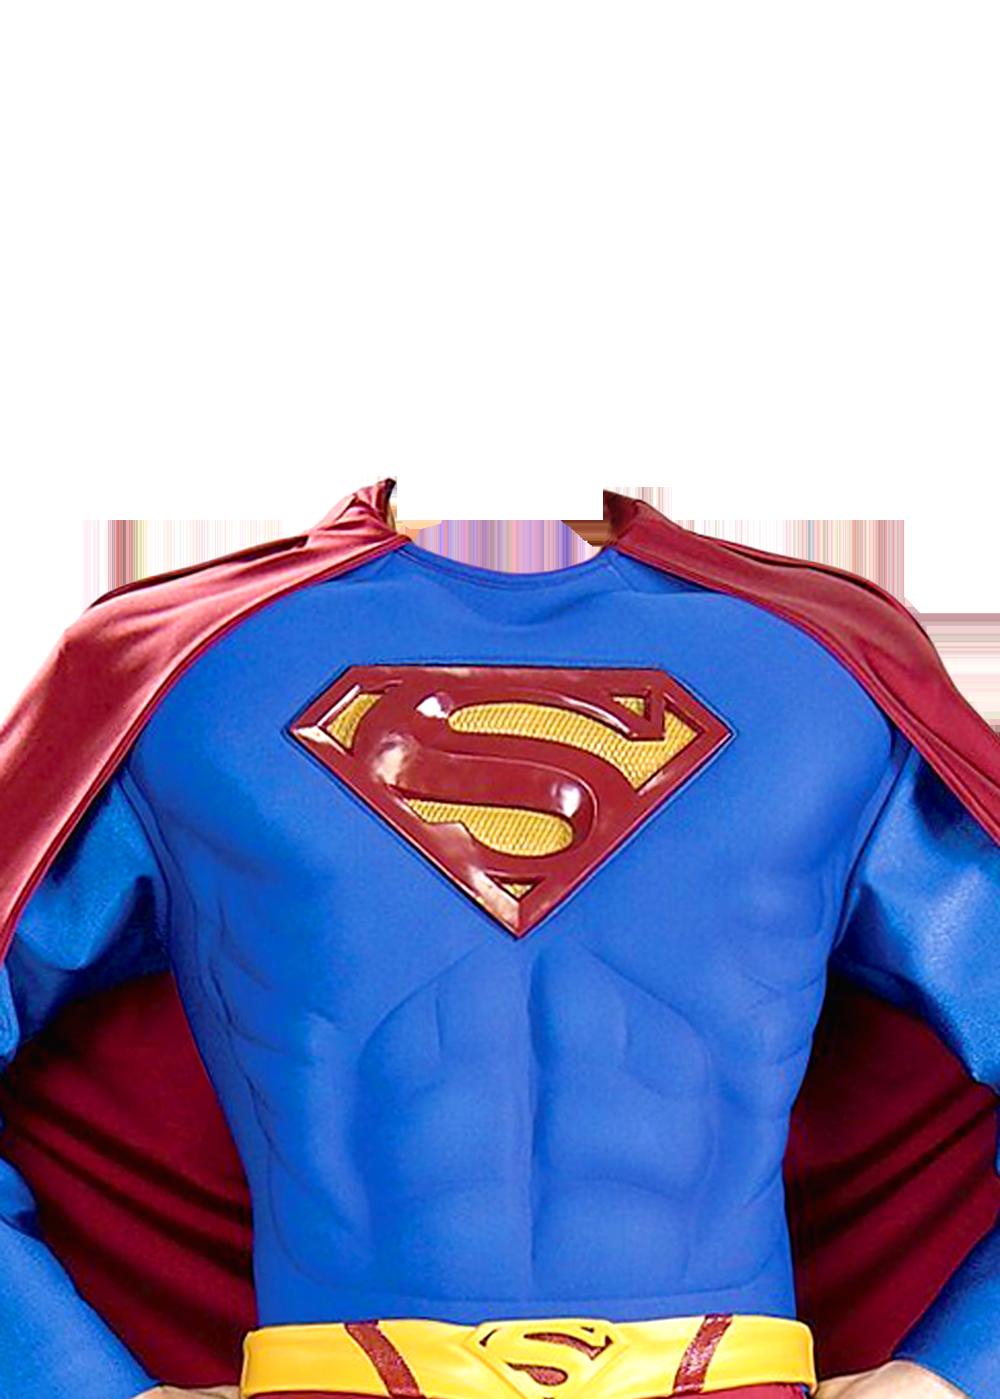 Супермен картинки фотошопа